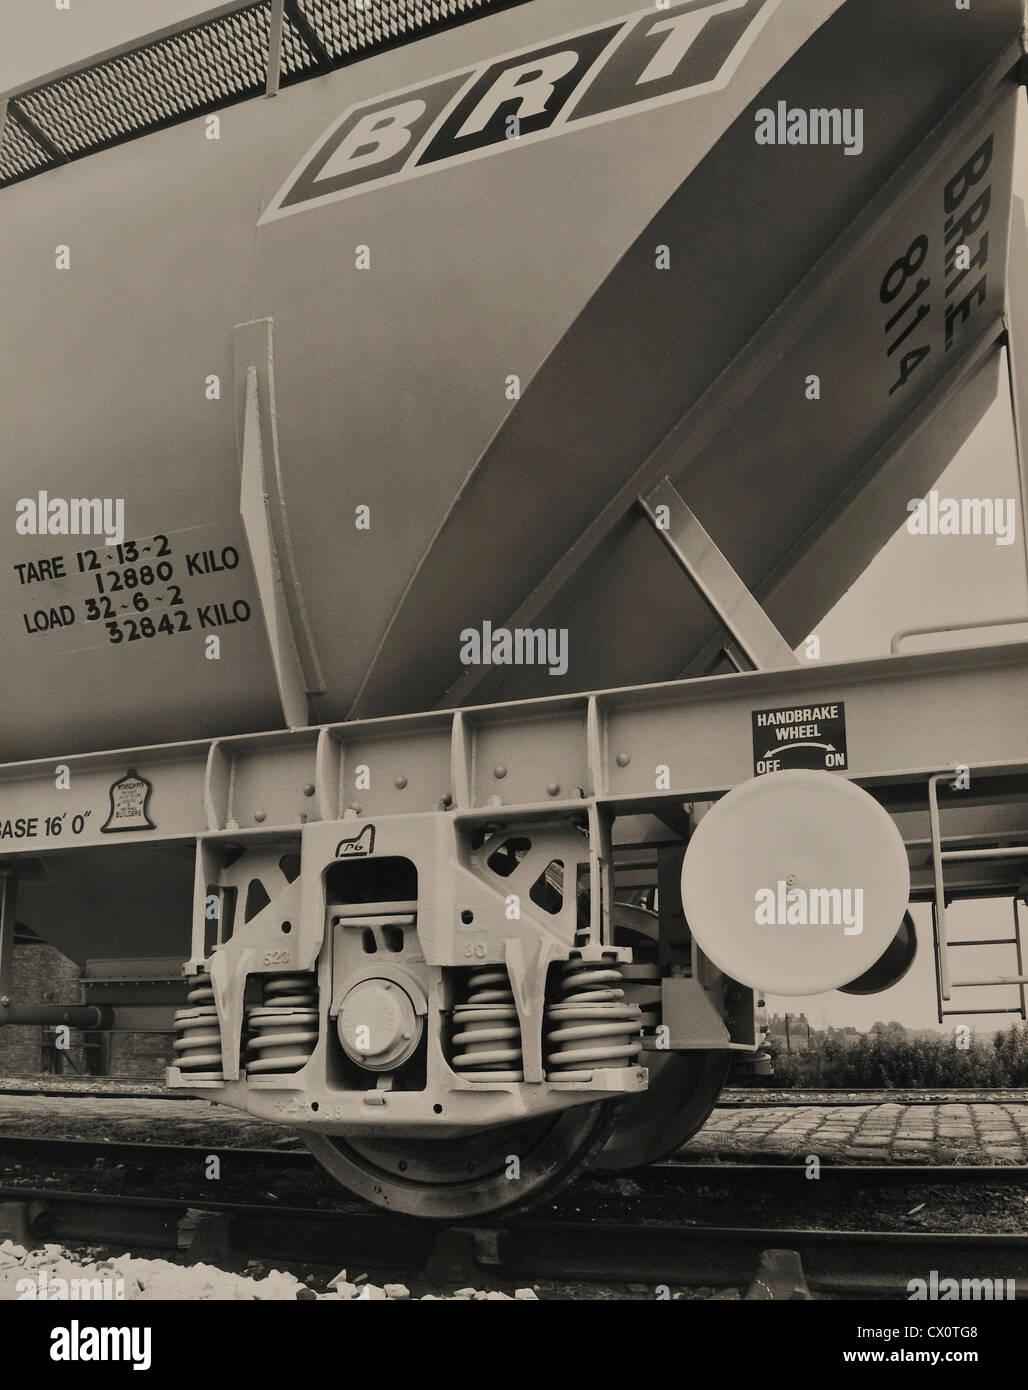 Railway Bogie British Steel Product England UK - Stock Image